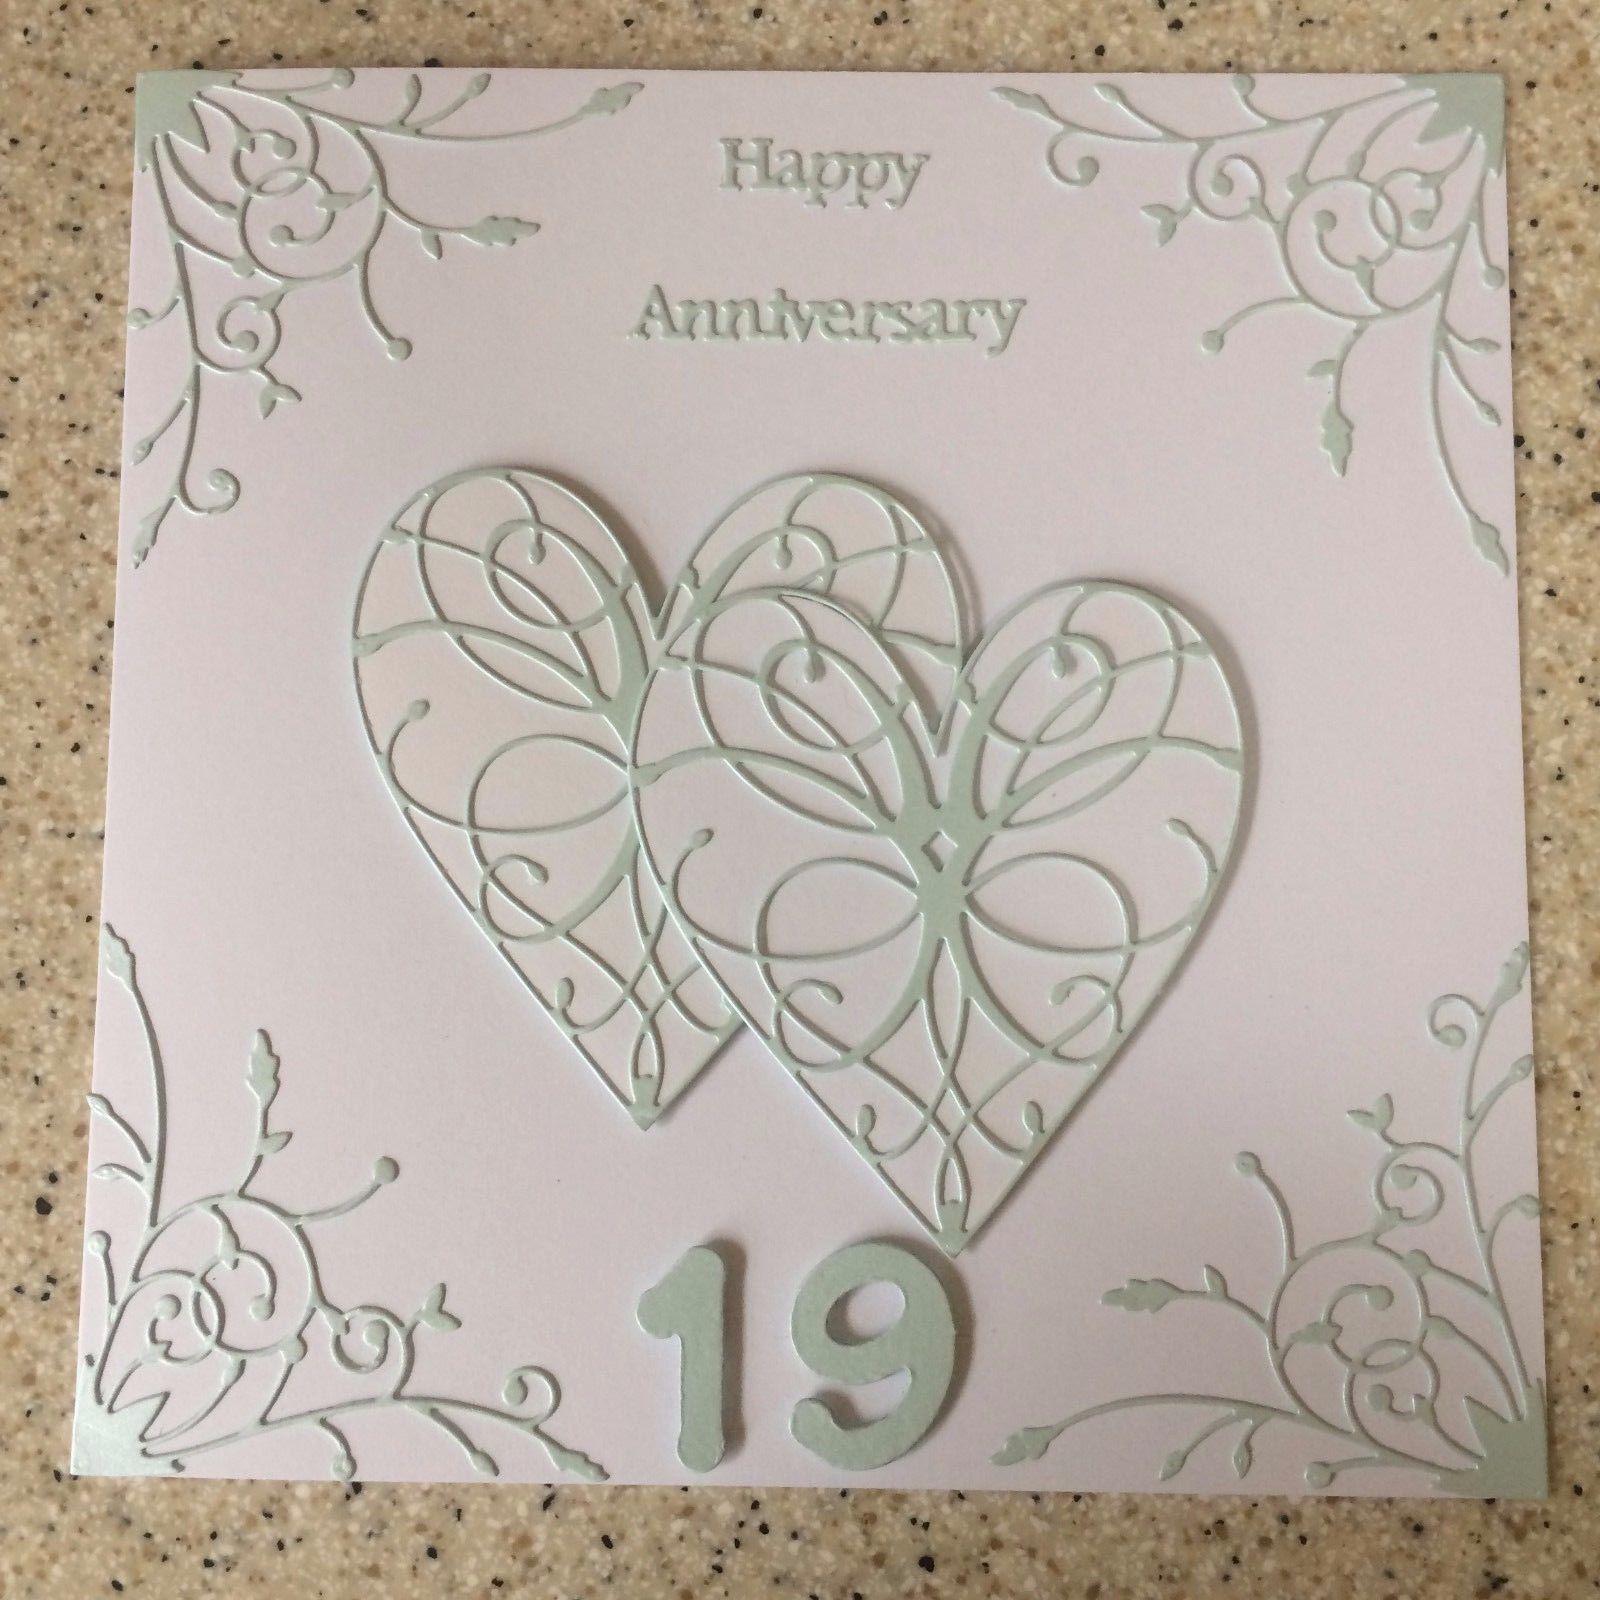 4 5 Gbp Handmade Aquamarine Wedding Anniversary Card Happy 19th Wedding Anniversa Happy Anniversary Cards 19th Wedding Anniversary Wedding Anniversary Cards